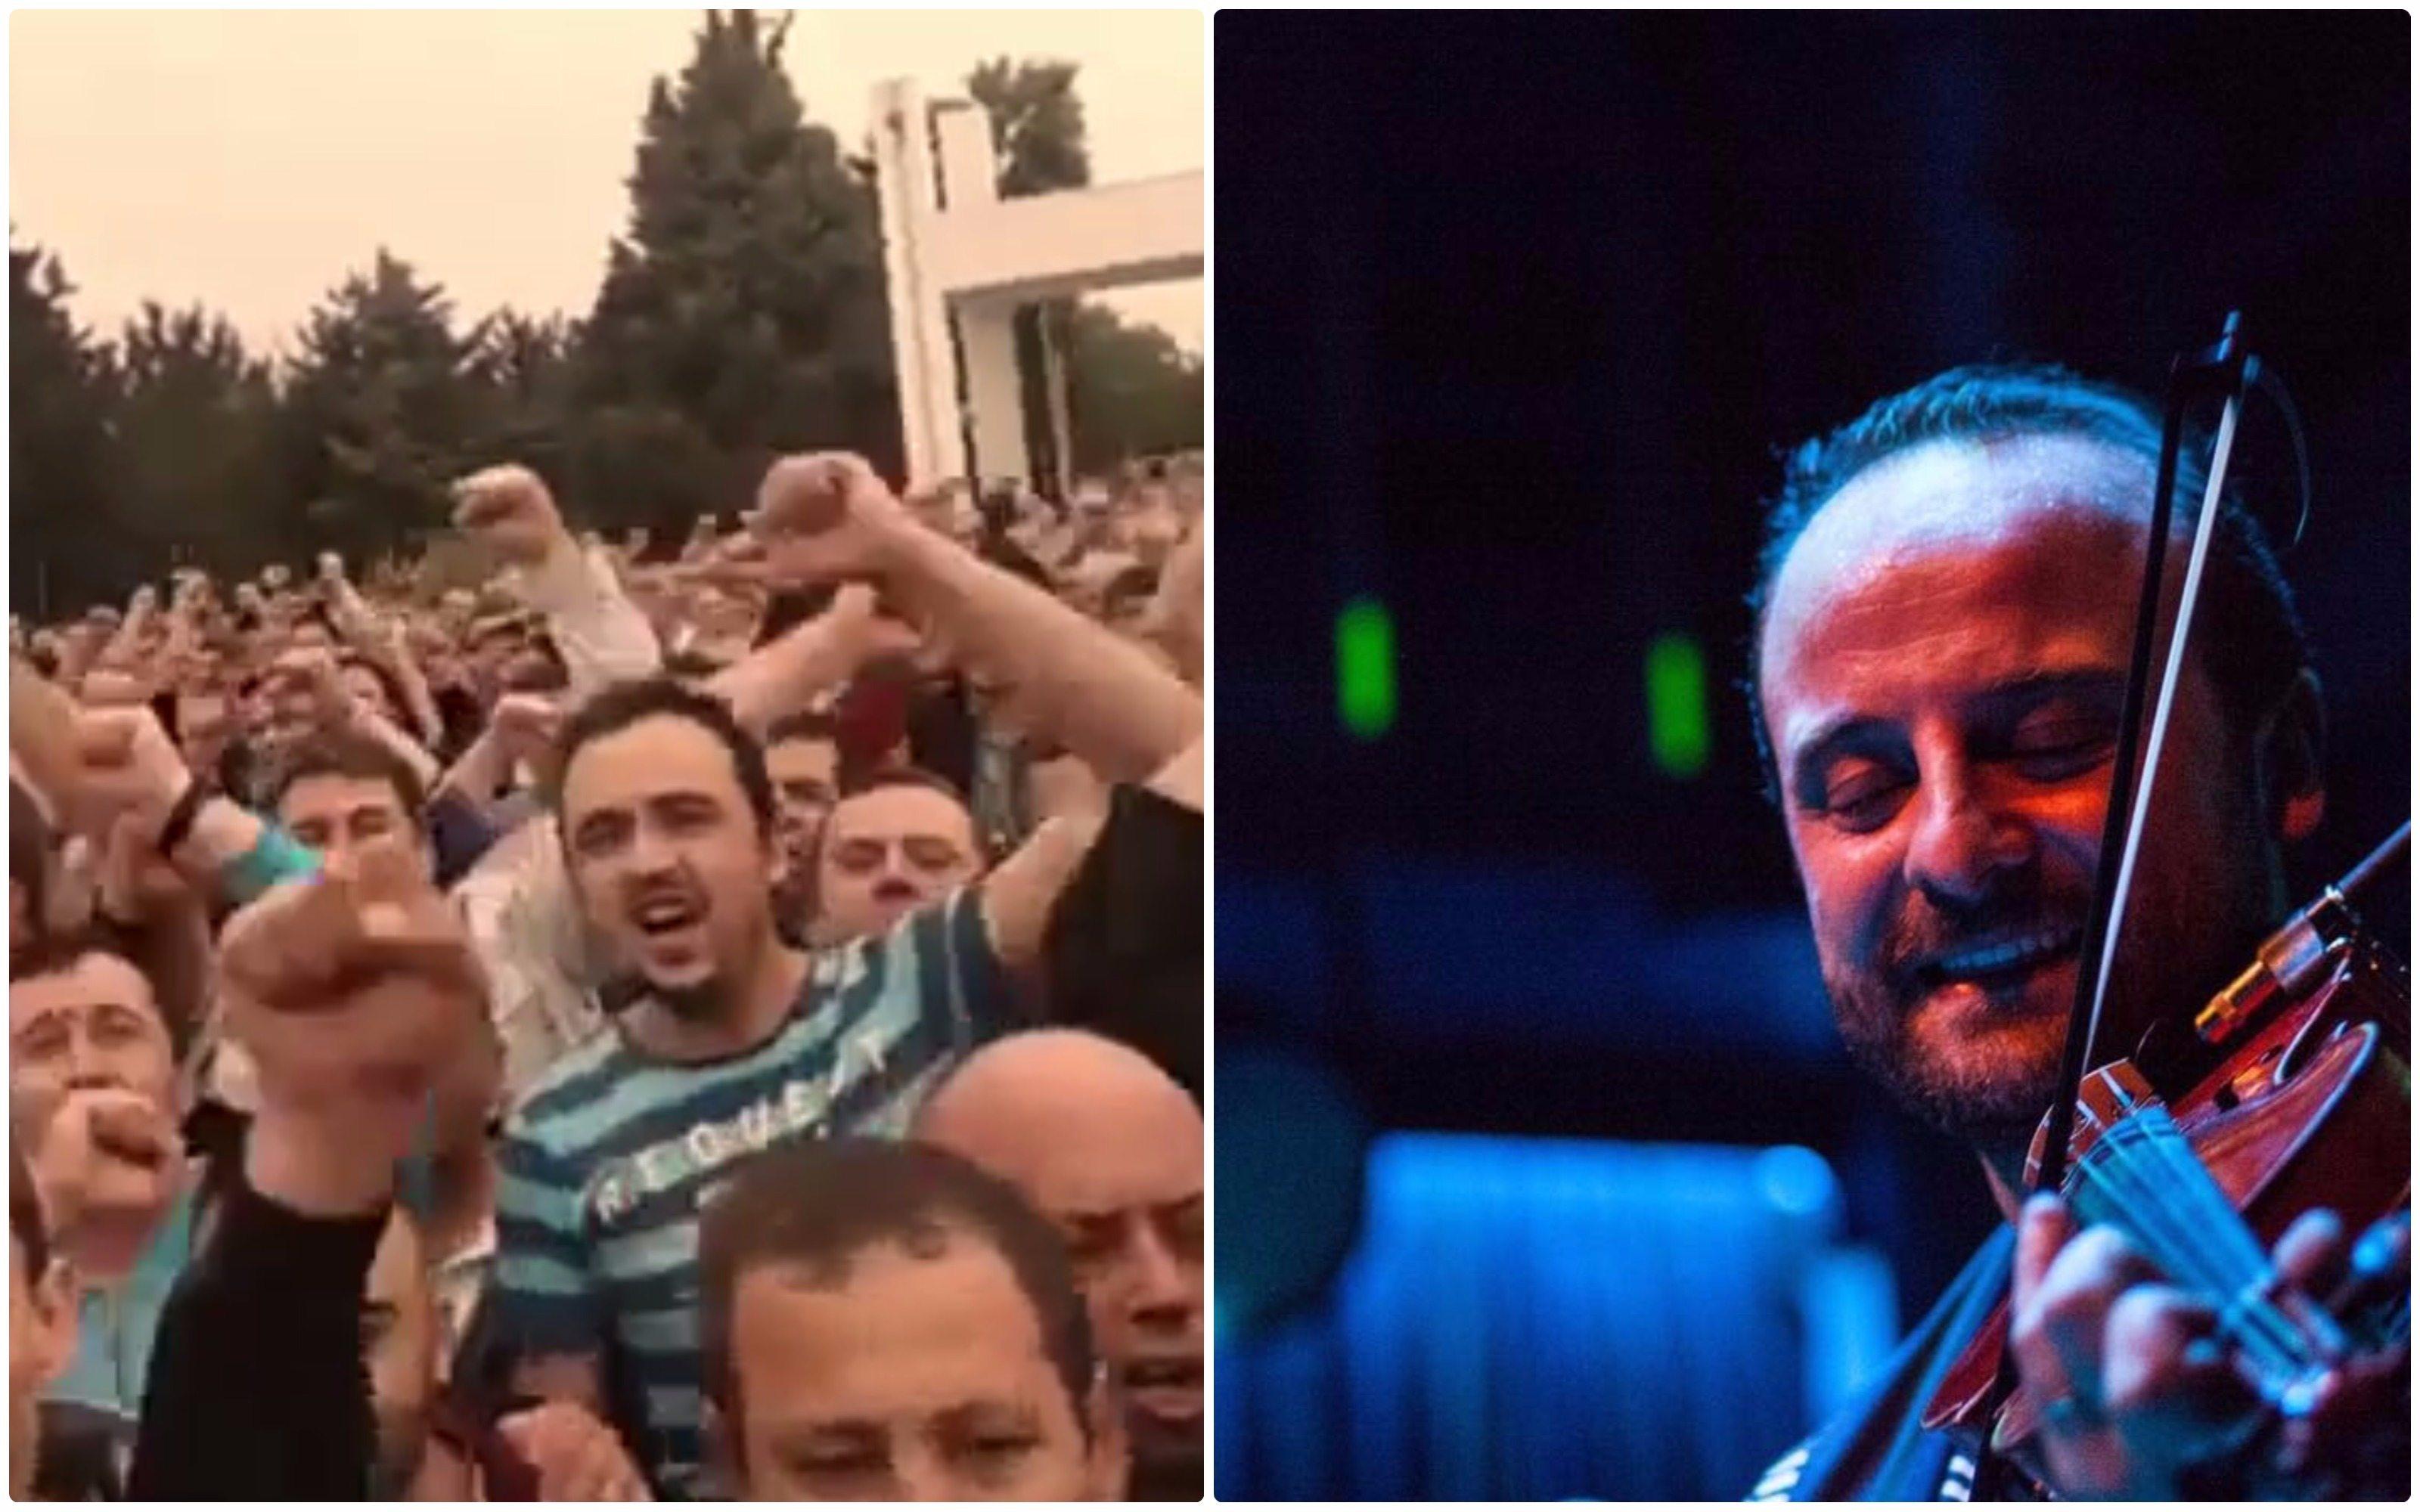 VİDEO | Şarkısını cam işçilerine adadı: